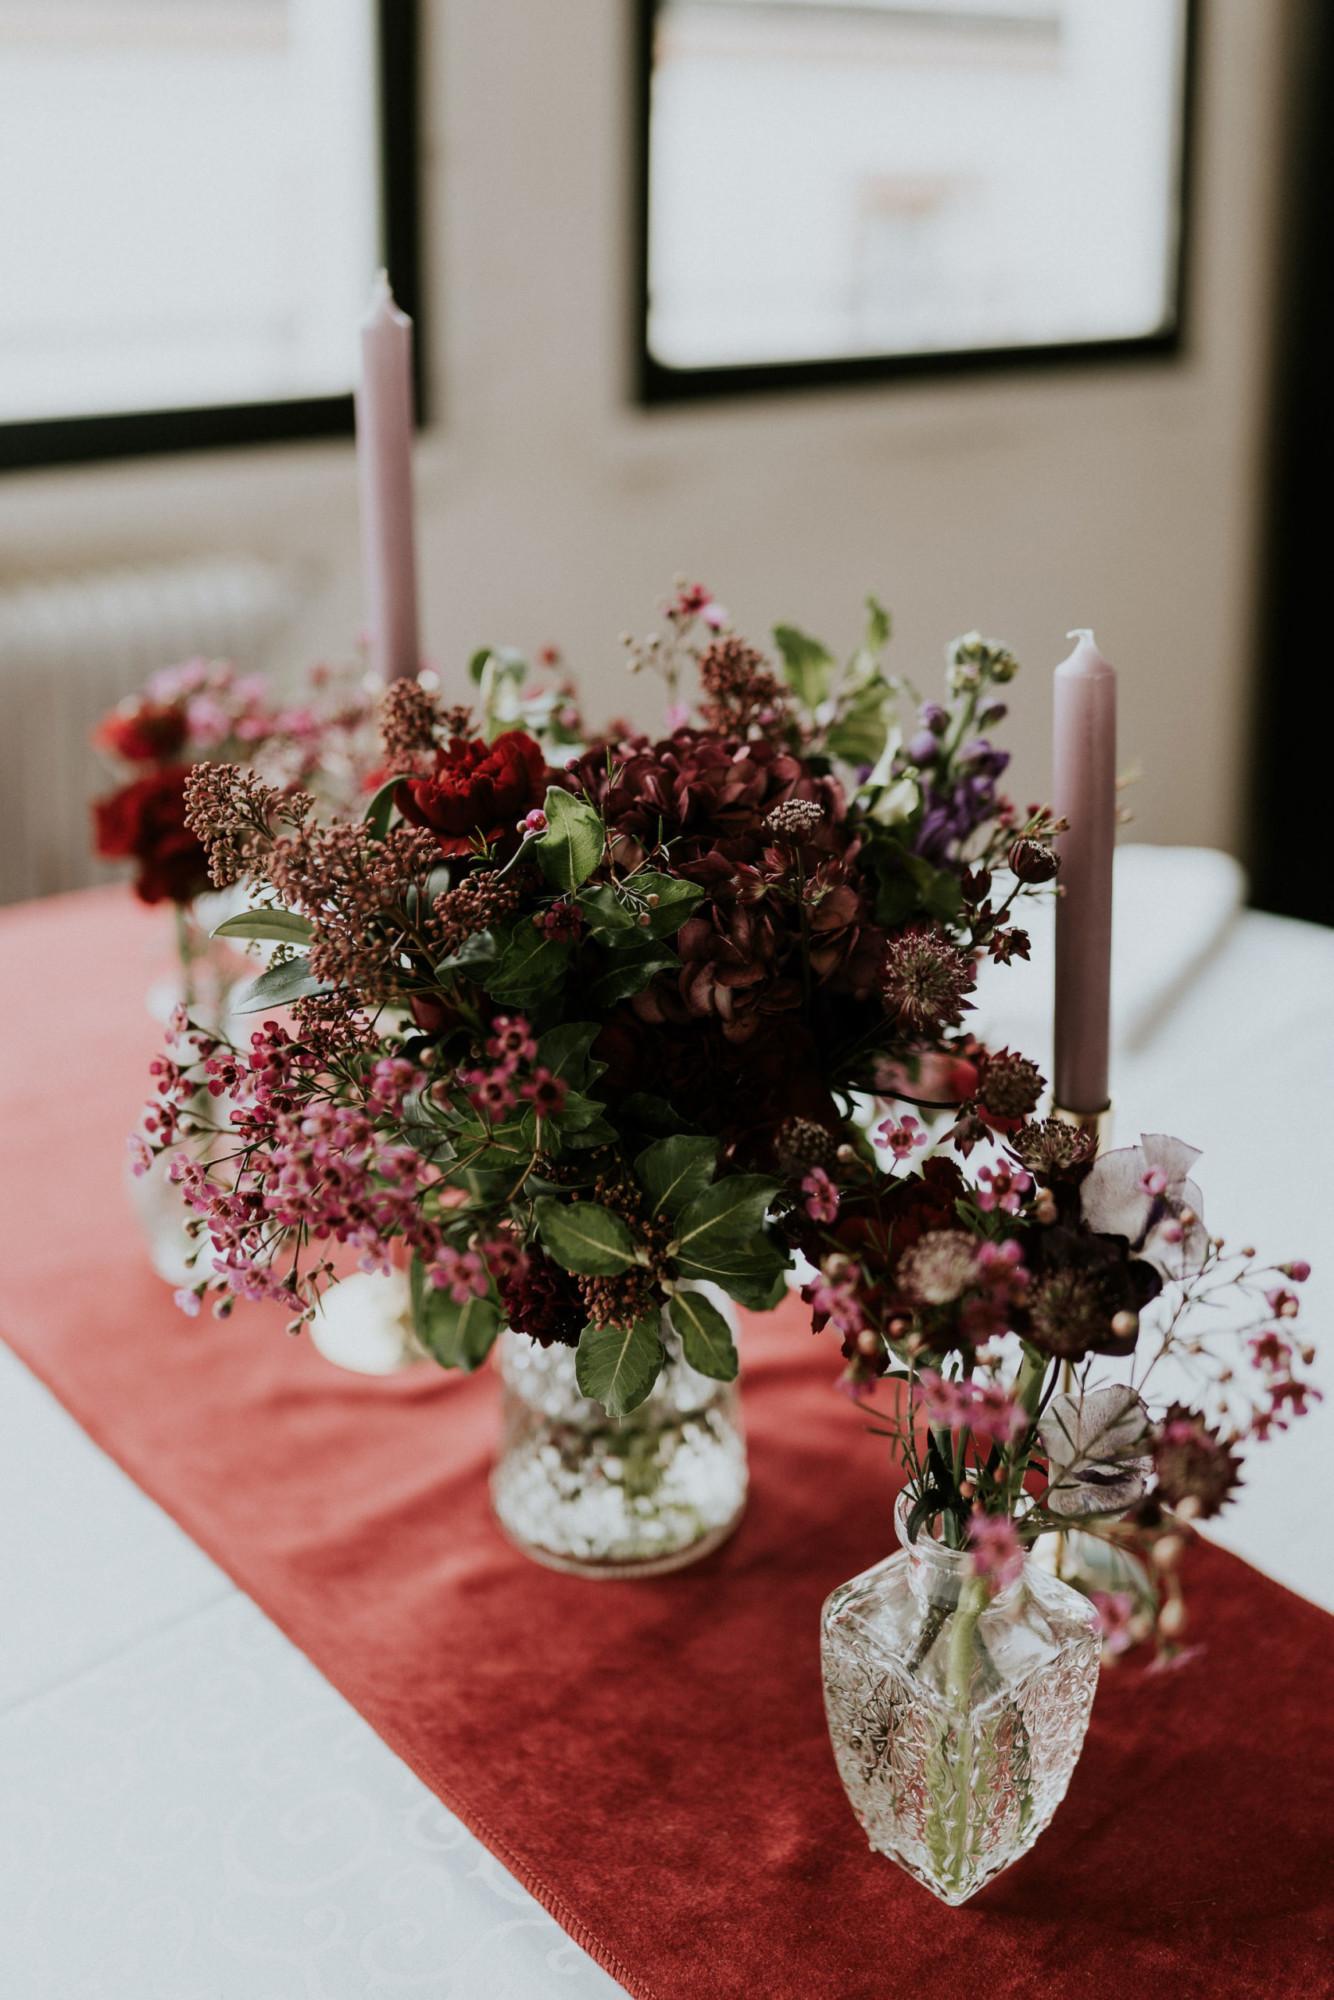 Fleuriste mariage, design floral, mariage à paris, décoratrice paris, mariage sur les toits de paris, red velvet, rouge velours, mariage , centre de table